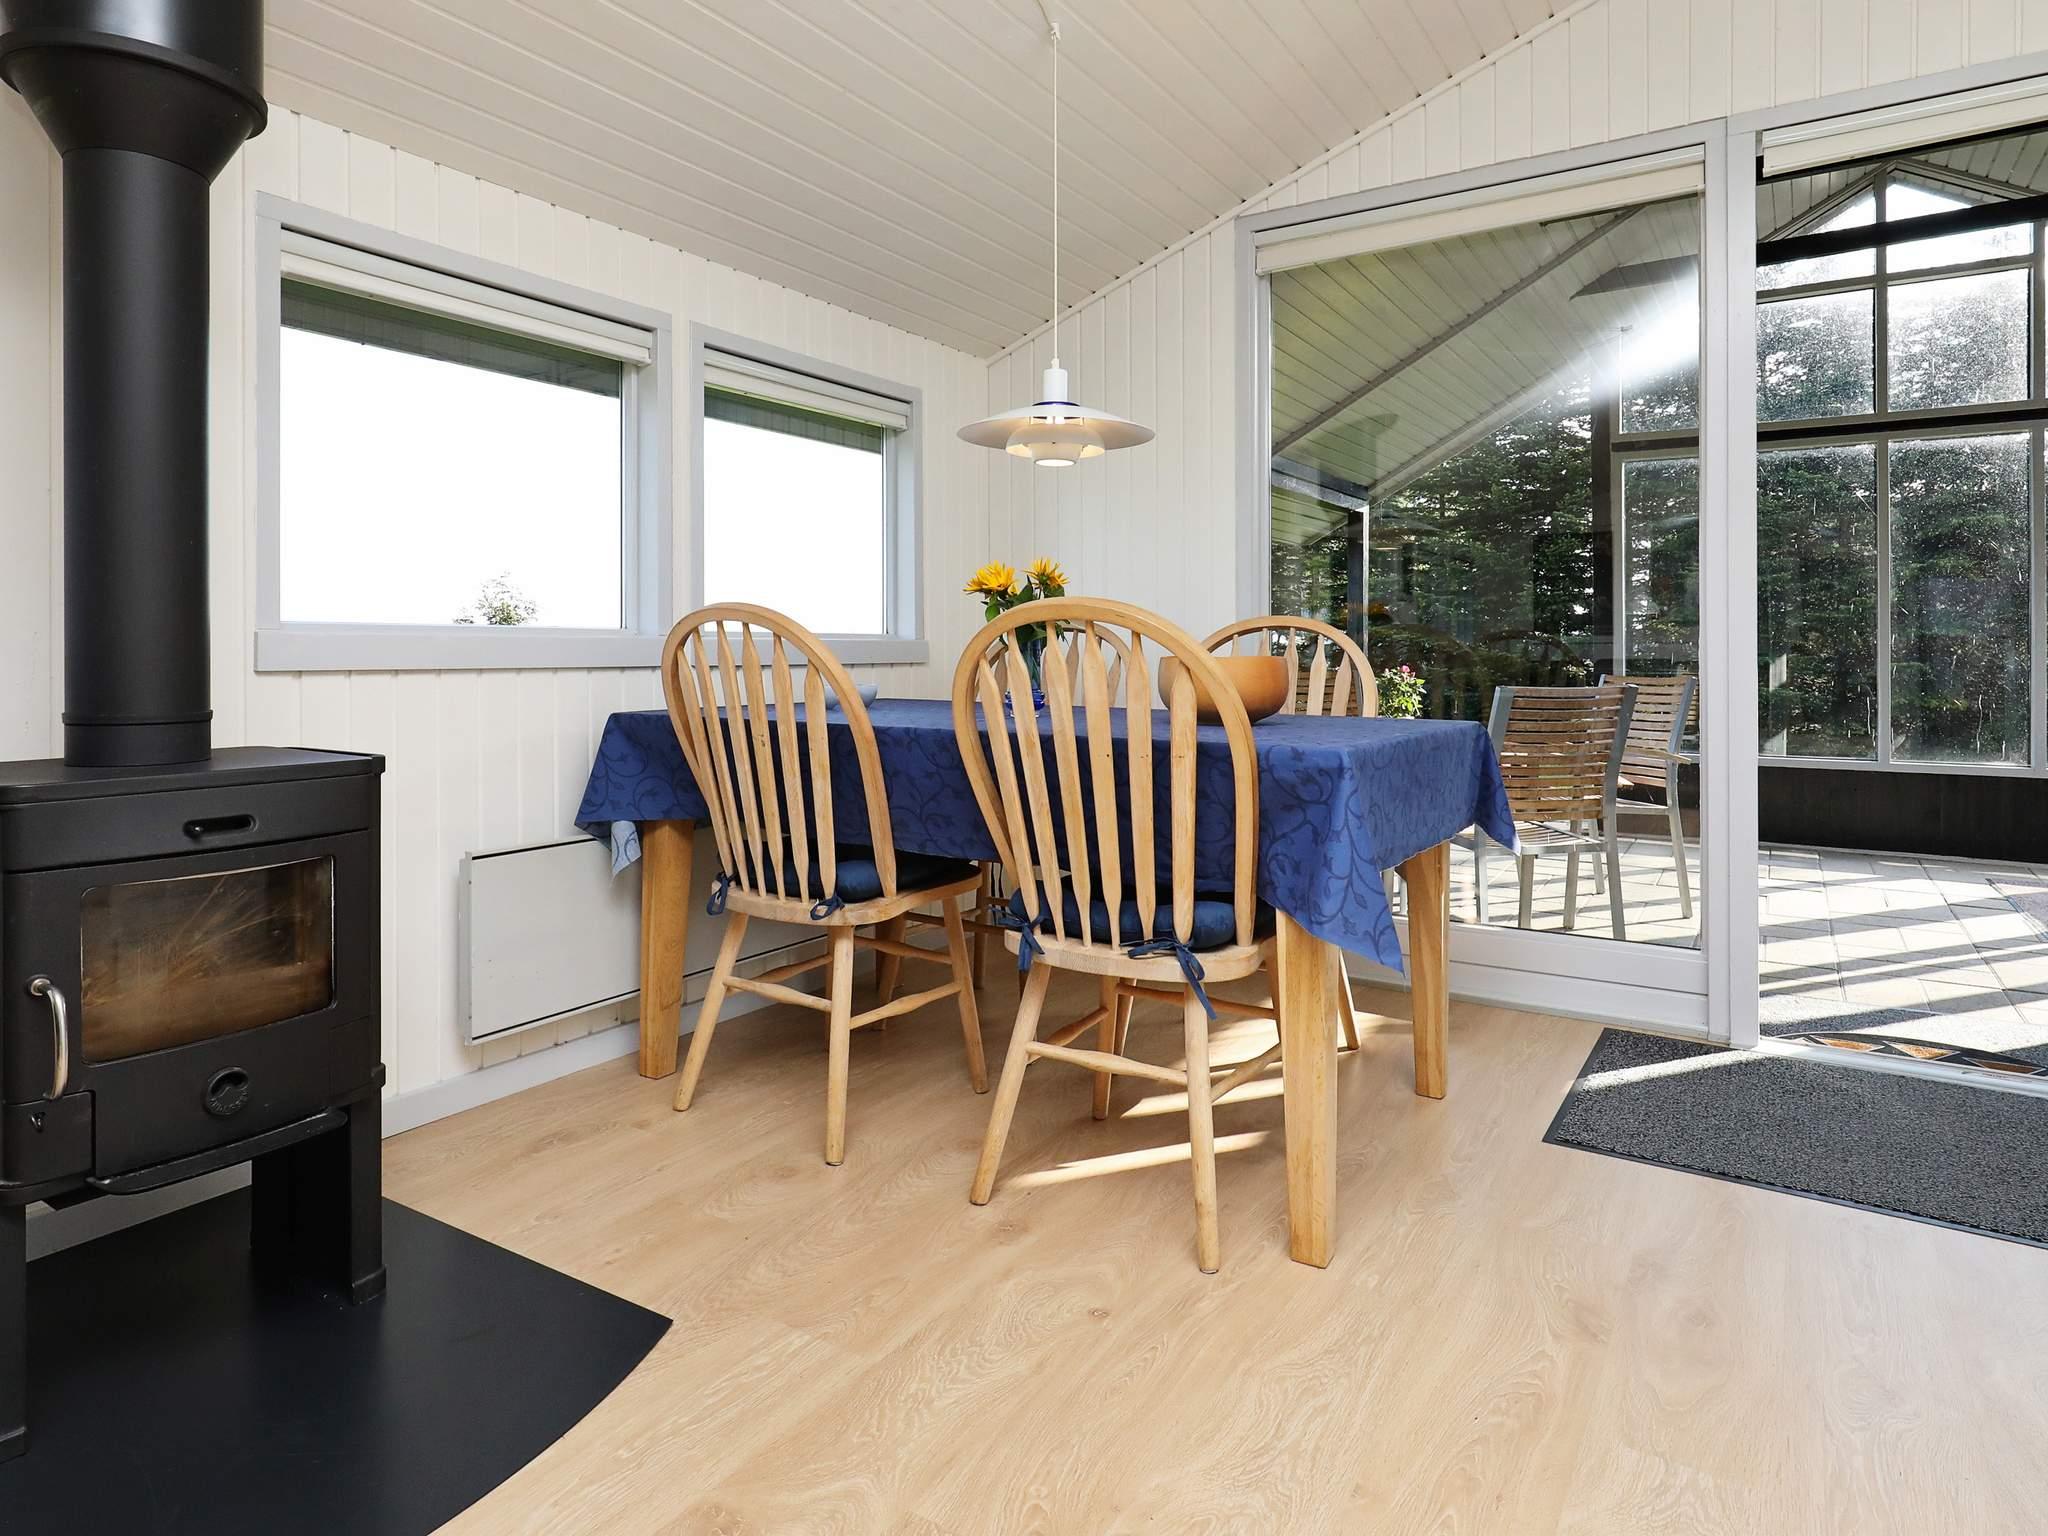 Ferienhaus Strandet (84379), Højslev, , Limfjord, Dänemark, Bild 2